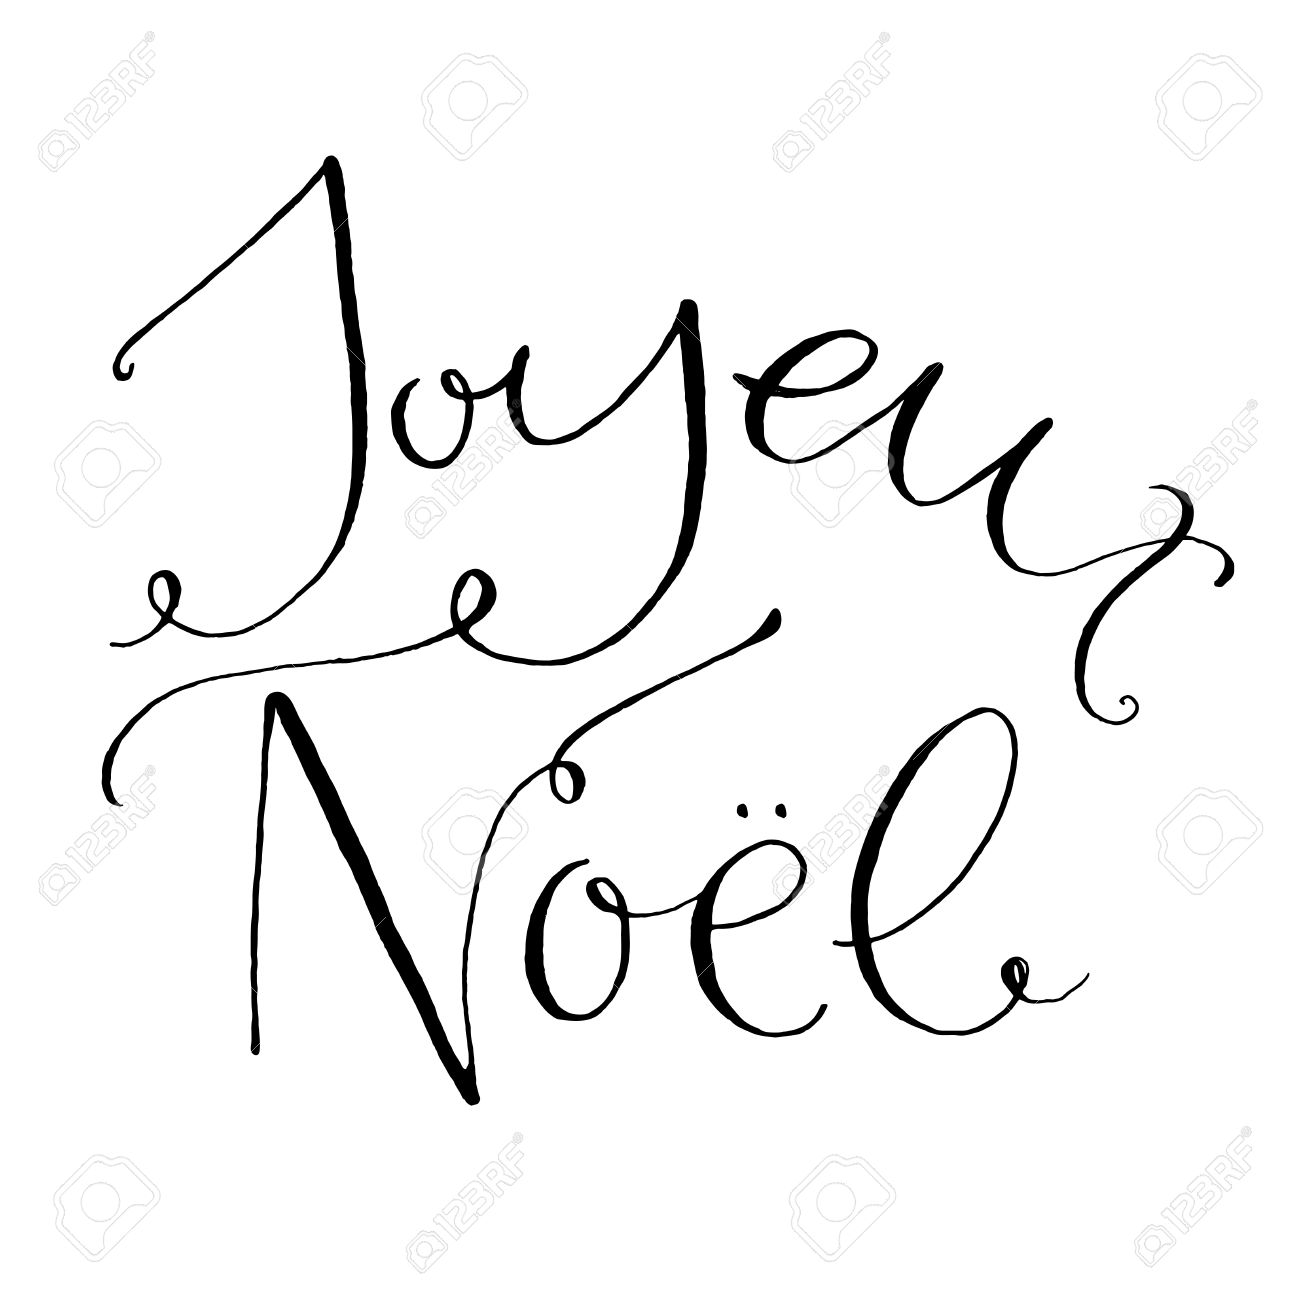 Joyeux Noel Clipart.Joyeux Noel French Phrase Means Merry Christmas Whimsical